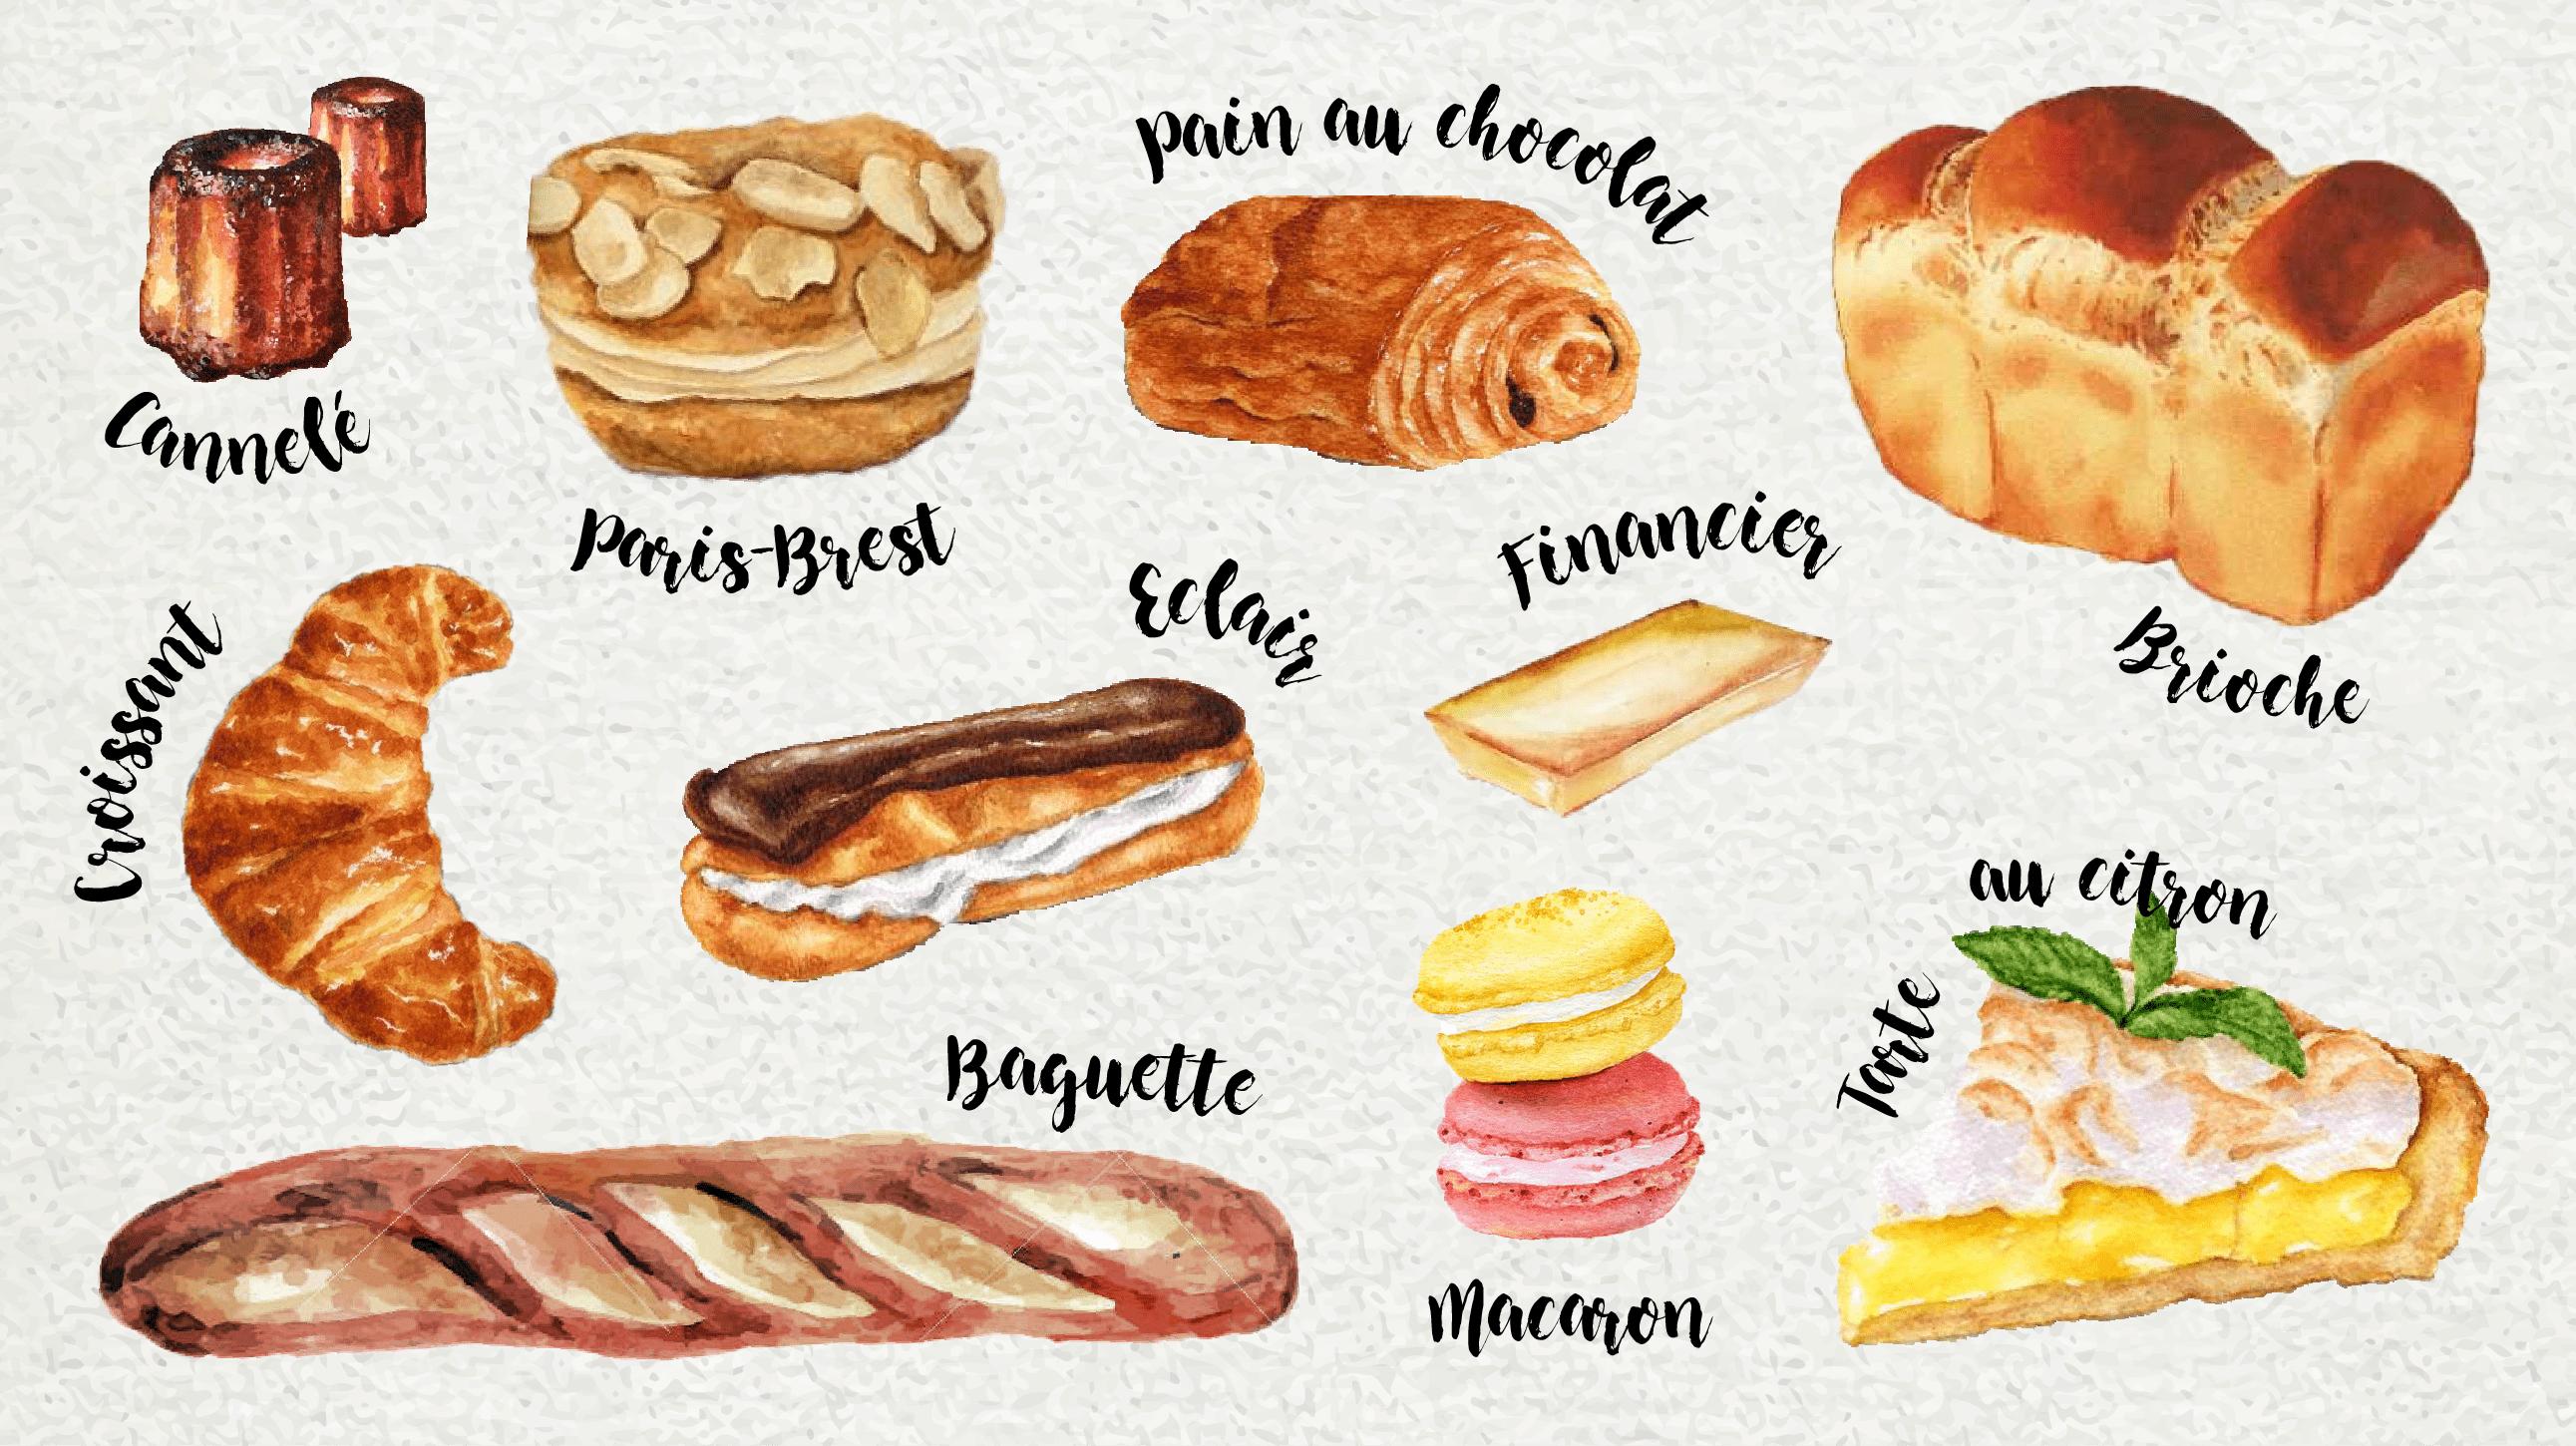 El abc de la panader a y pasteler a francesa for Desayuno frances tradicional